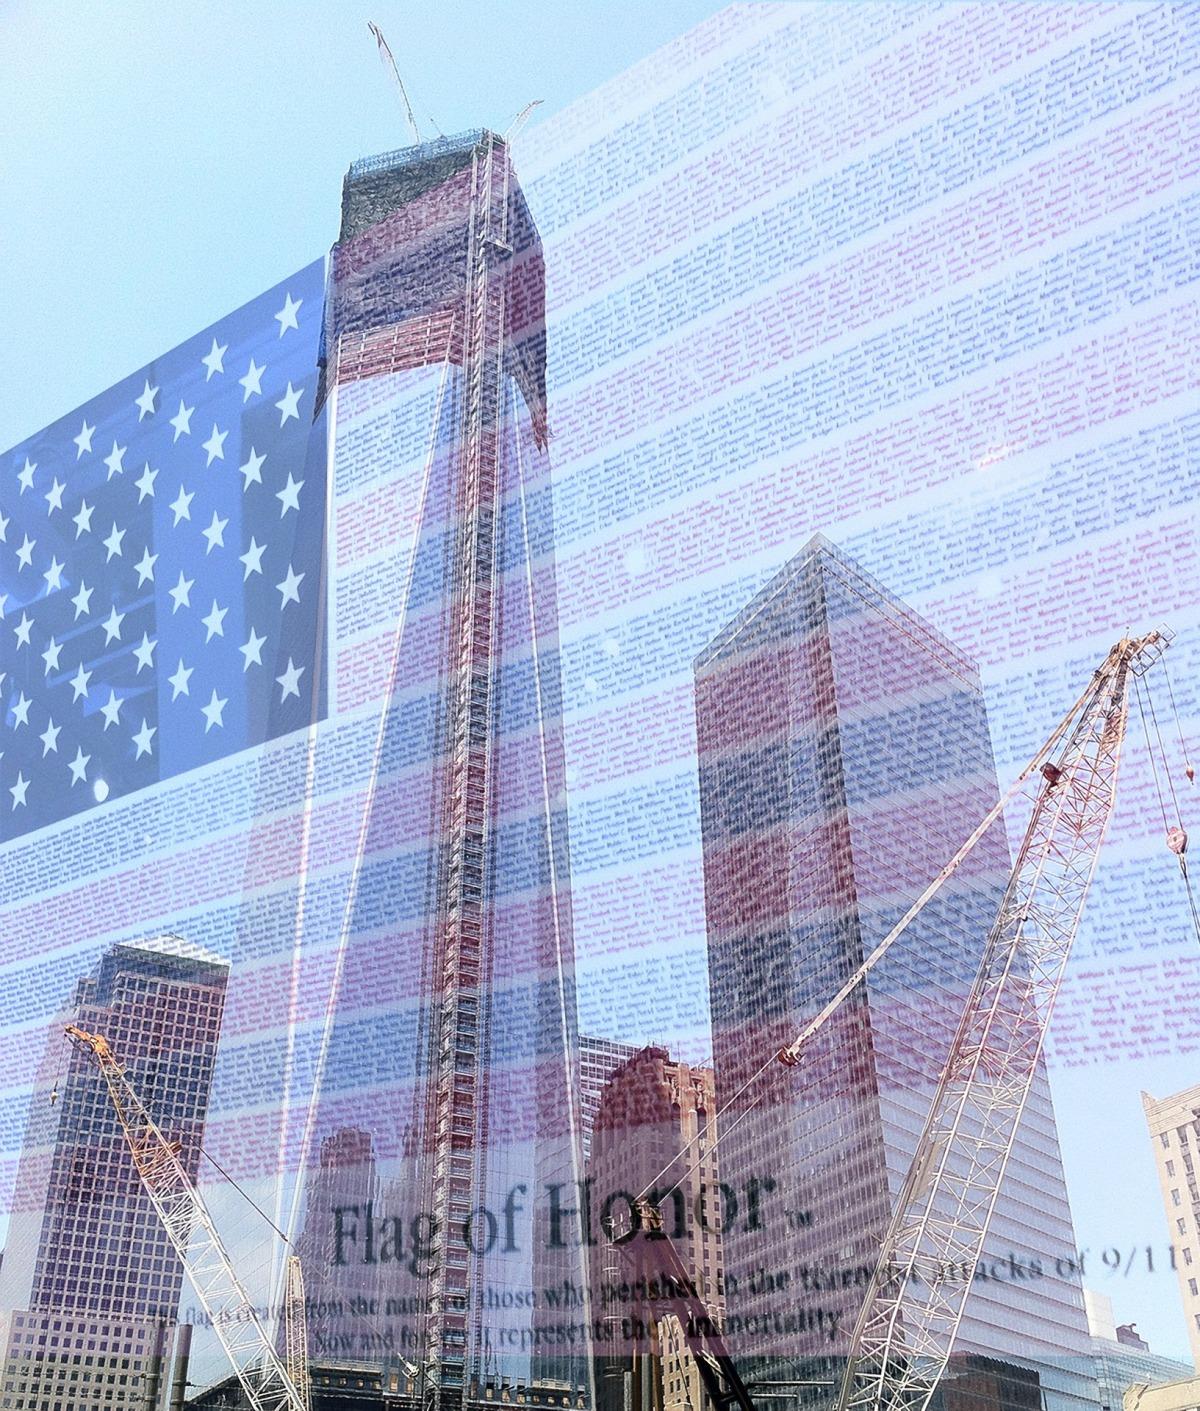 flag+of+honor-+mark+mackinnon.jpg